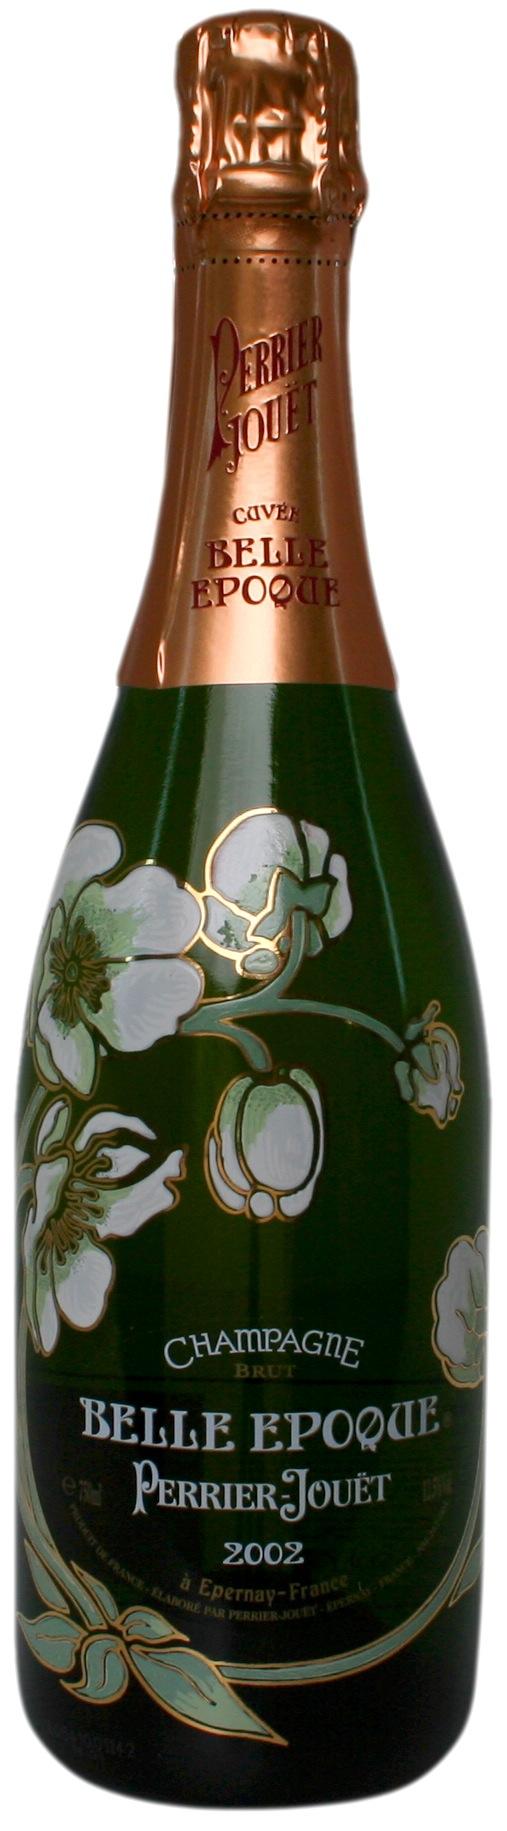 in praise of larger bottles quentin sadler 39 s wine page. Black Bedroom Furniture Sets. Home Design Ideas